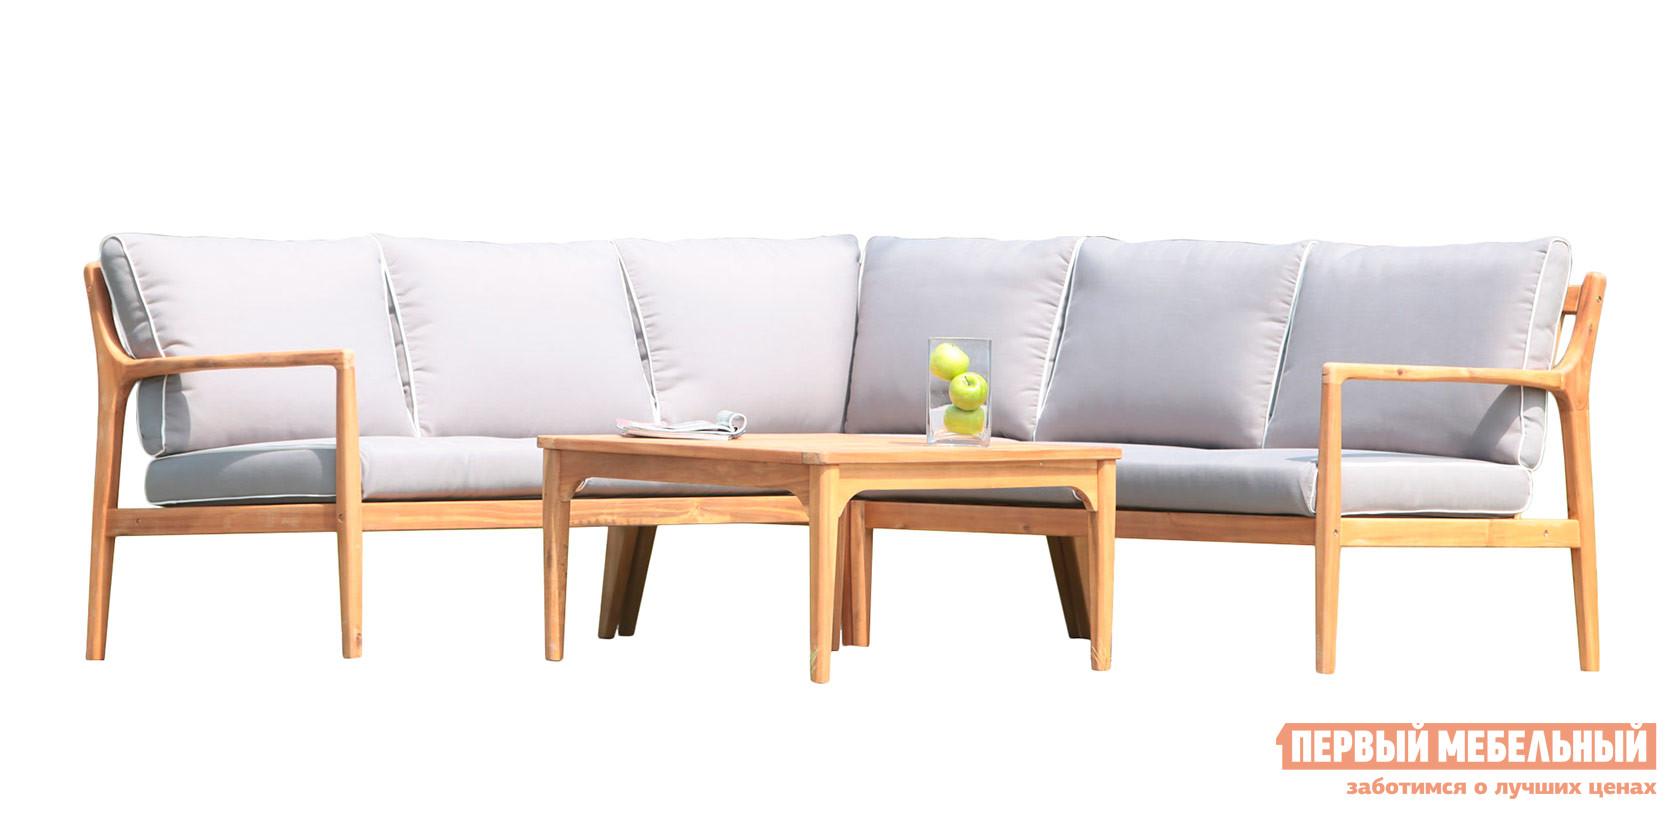 Комплект садовой мебели Шведская линия 0388-25 Мебель из акации Manchester комплект садовой мебели 4 1 t247a 1 y 282a